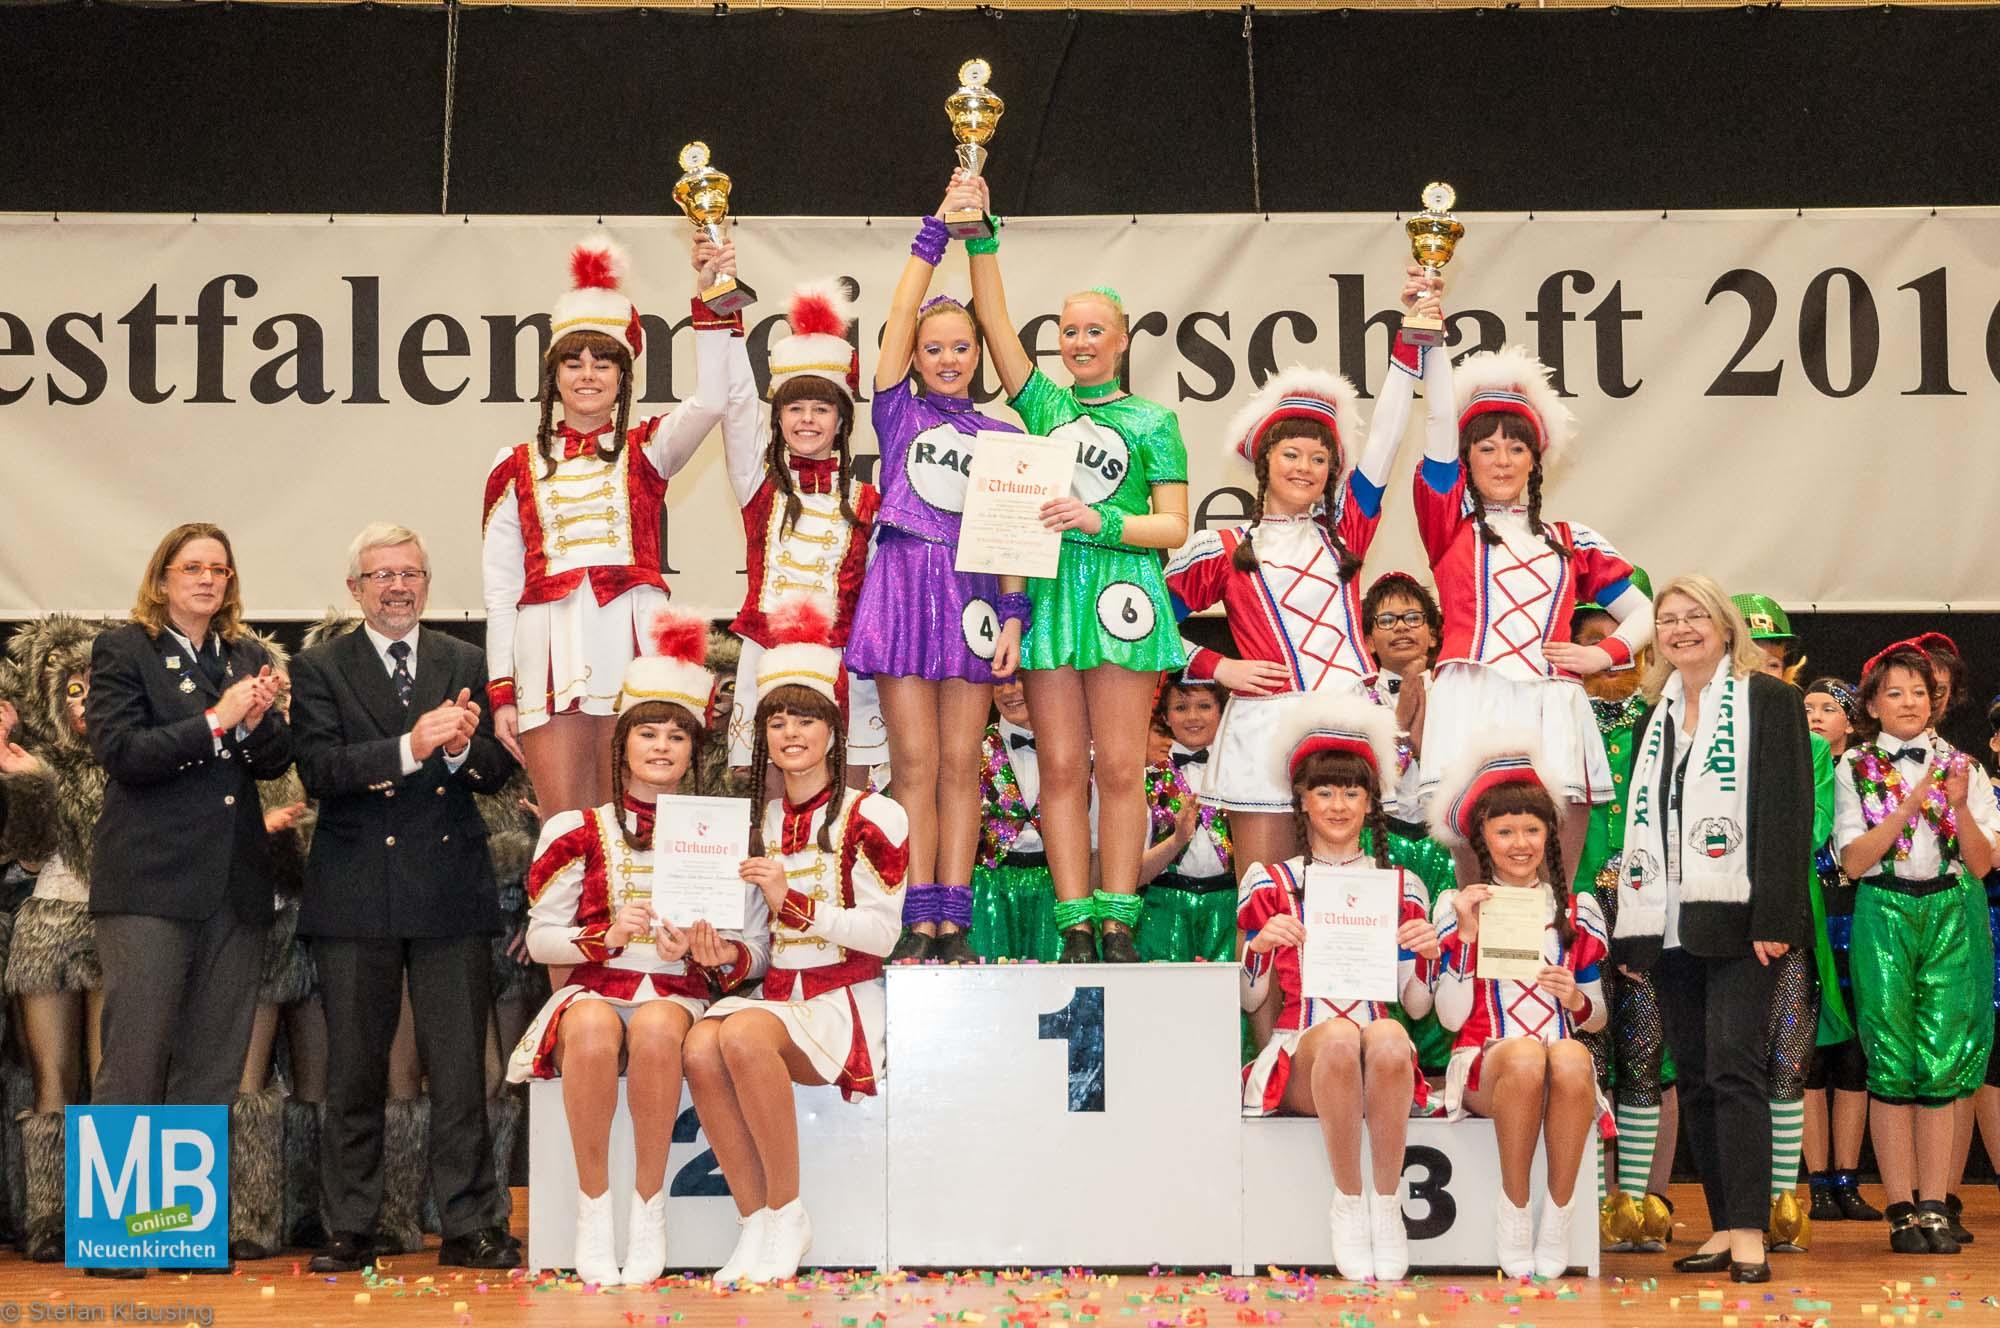 Wesfalenmeisterschaft 2016